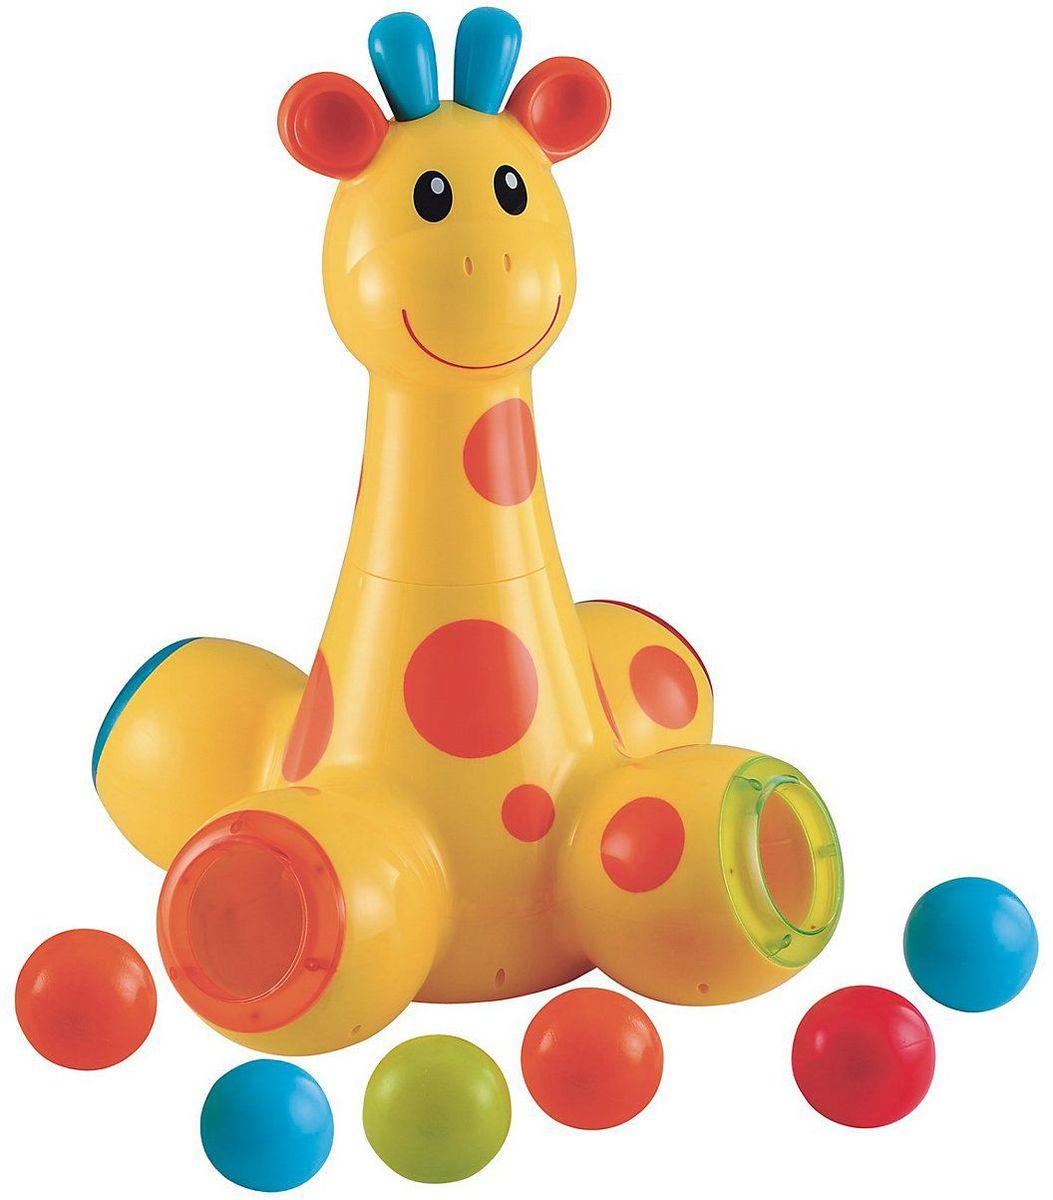 ELC Развивающая игрушка Игрушка для малыша Жираф140822Бросайте мячи через голову жирафа и наблюдайте, как они выкатываются из его ног. В какую же лапу попадет следующий мяч? Дизайнером игрушки является студент технологии и дизайна Бэнджамин Элпорт. В сотрудничестве с нами он разработал дизайн игрушки, которая способствовала бы развитию малышей во время игры. Высота 49,5 х ширина 35 х толщина 35 см. Требуются 3 батарейки размера АА.